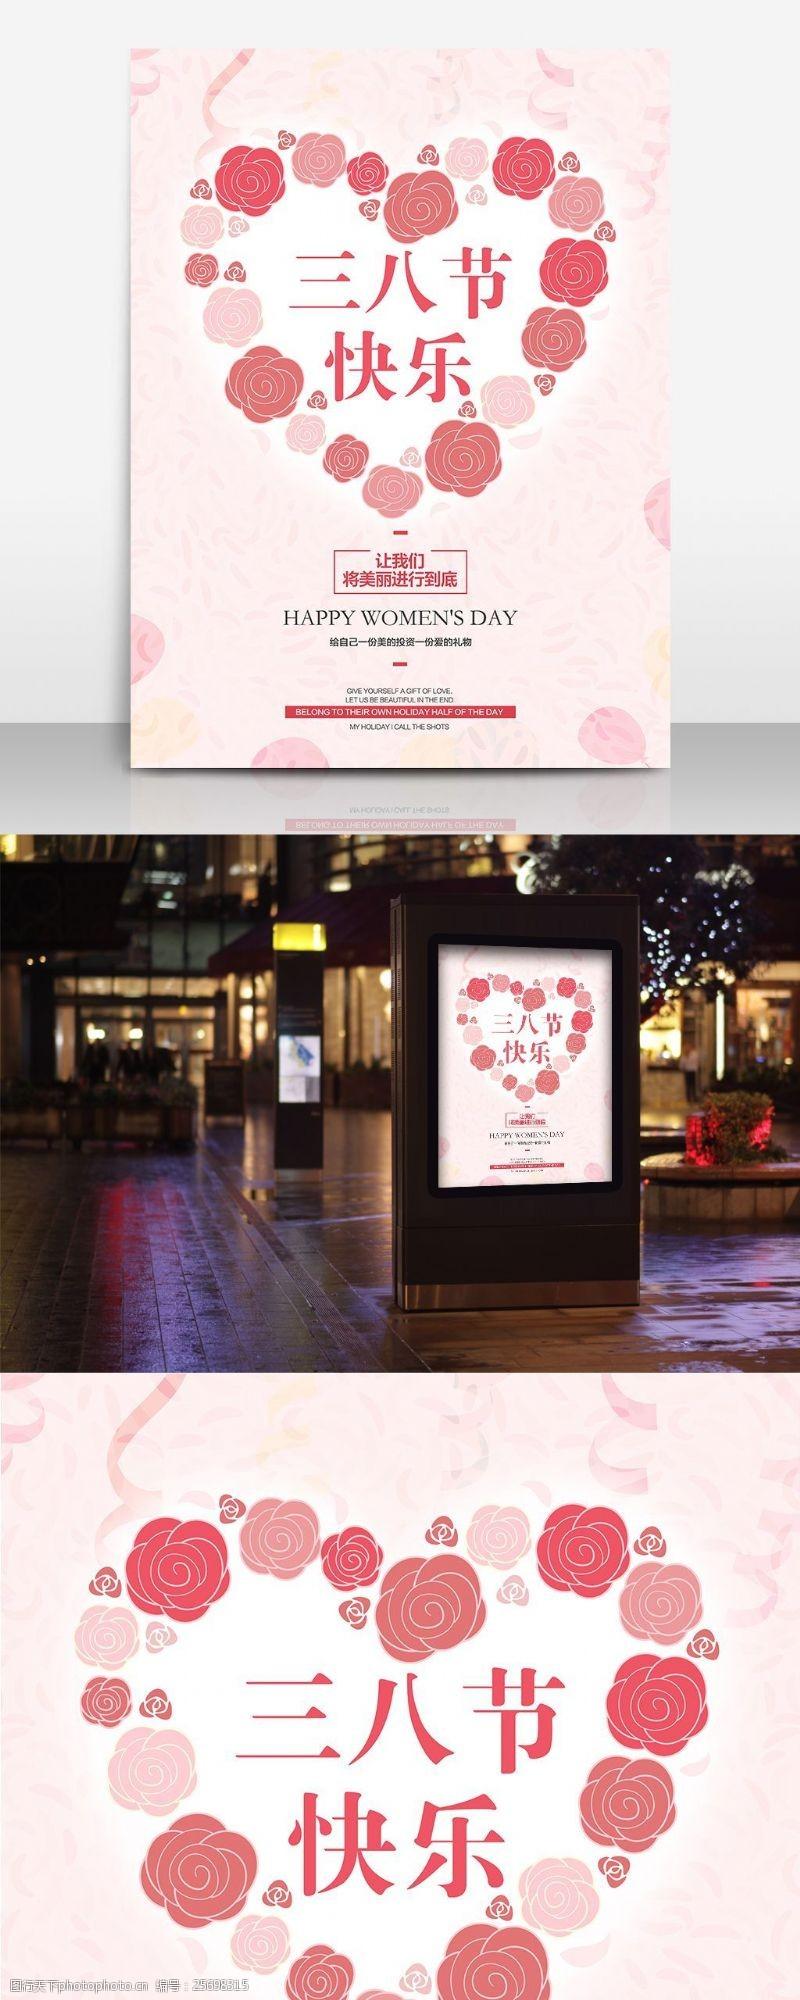 三八节宣传爱心花卉三八节快乐平面促销节日海报